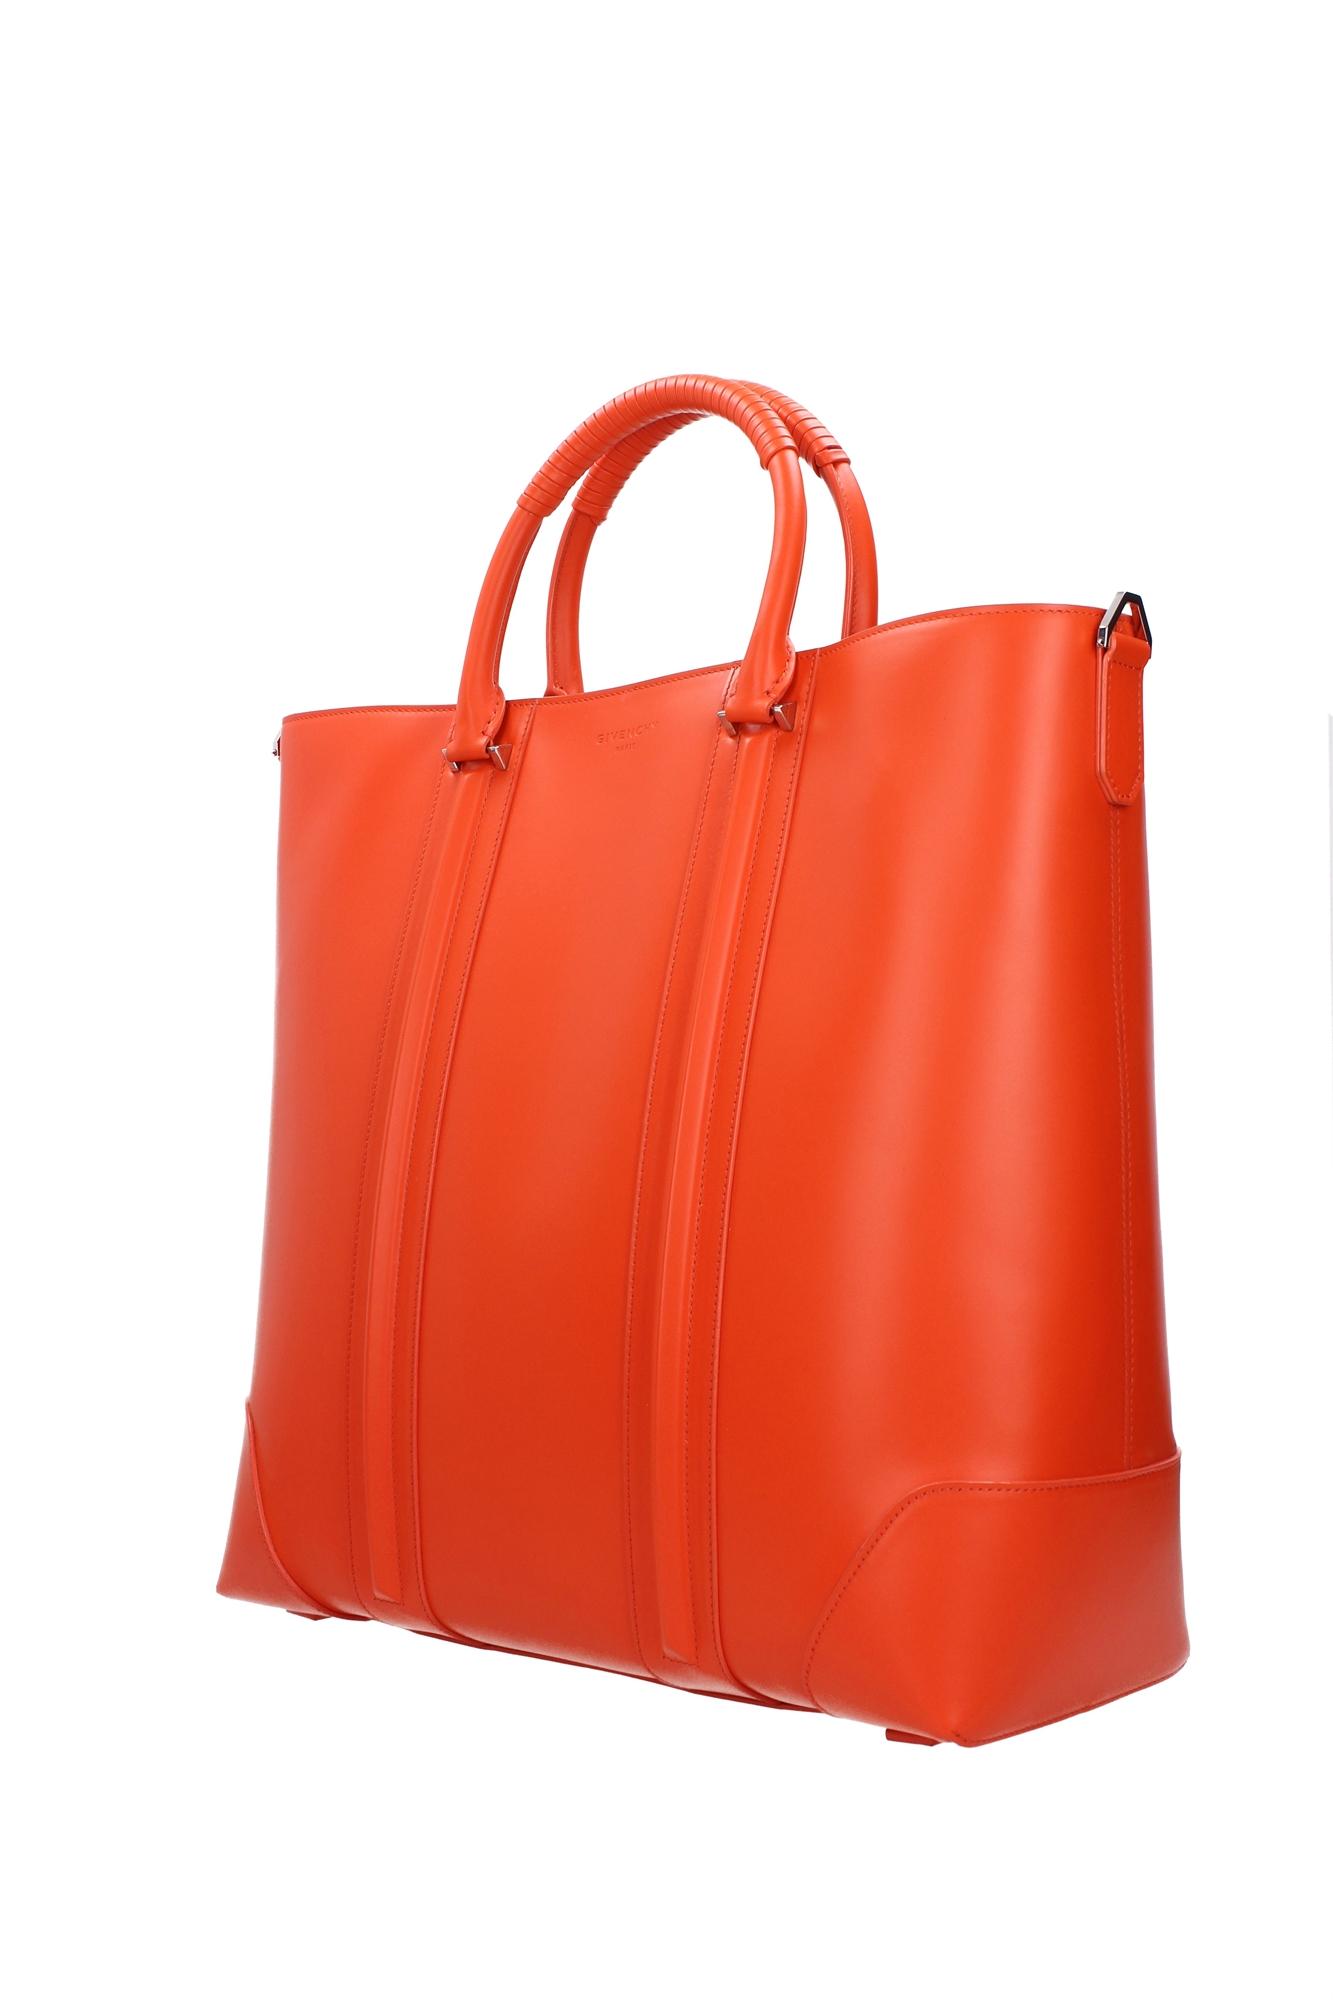 handtasche givenchy damen leder orange 14m5840036820 ebay. Black Bedroom Furniture Sets. Home Design Ideas